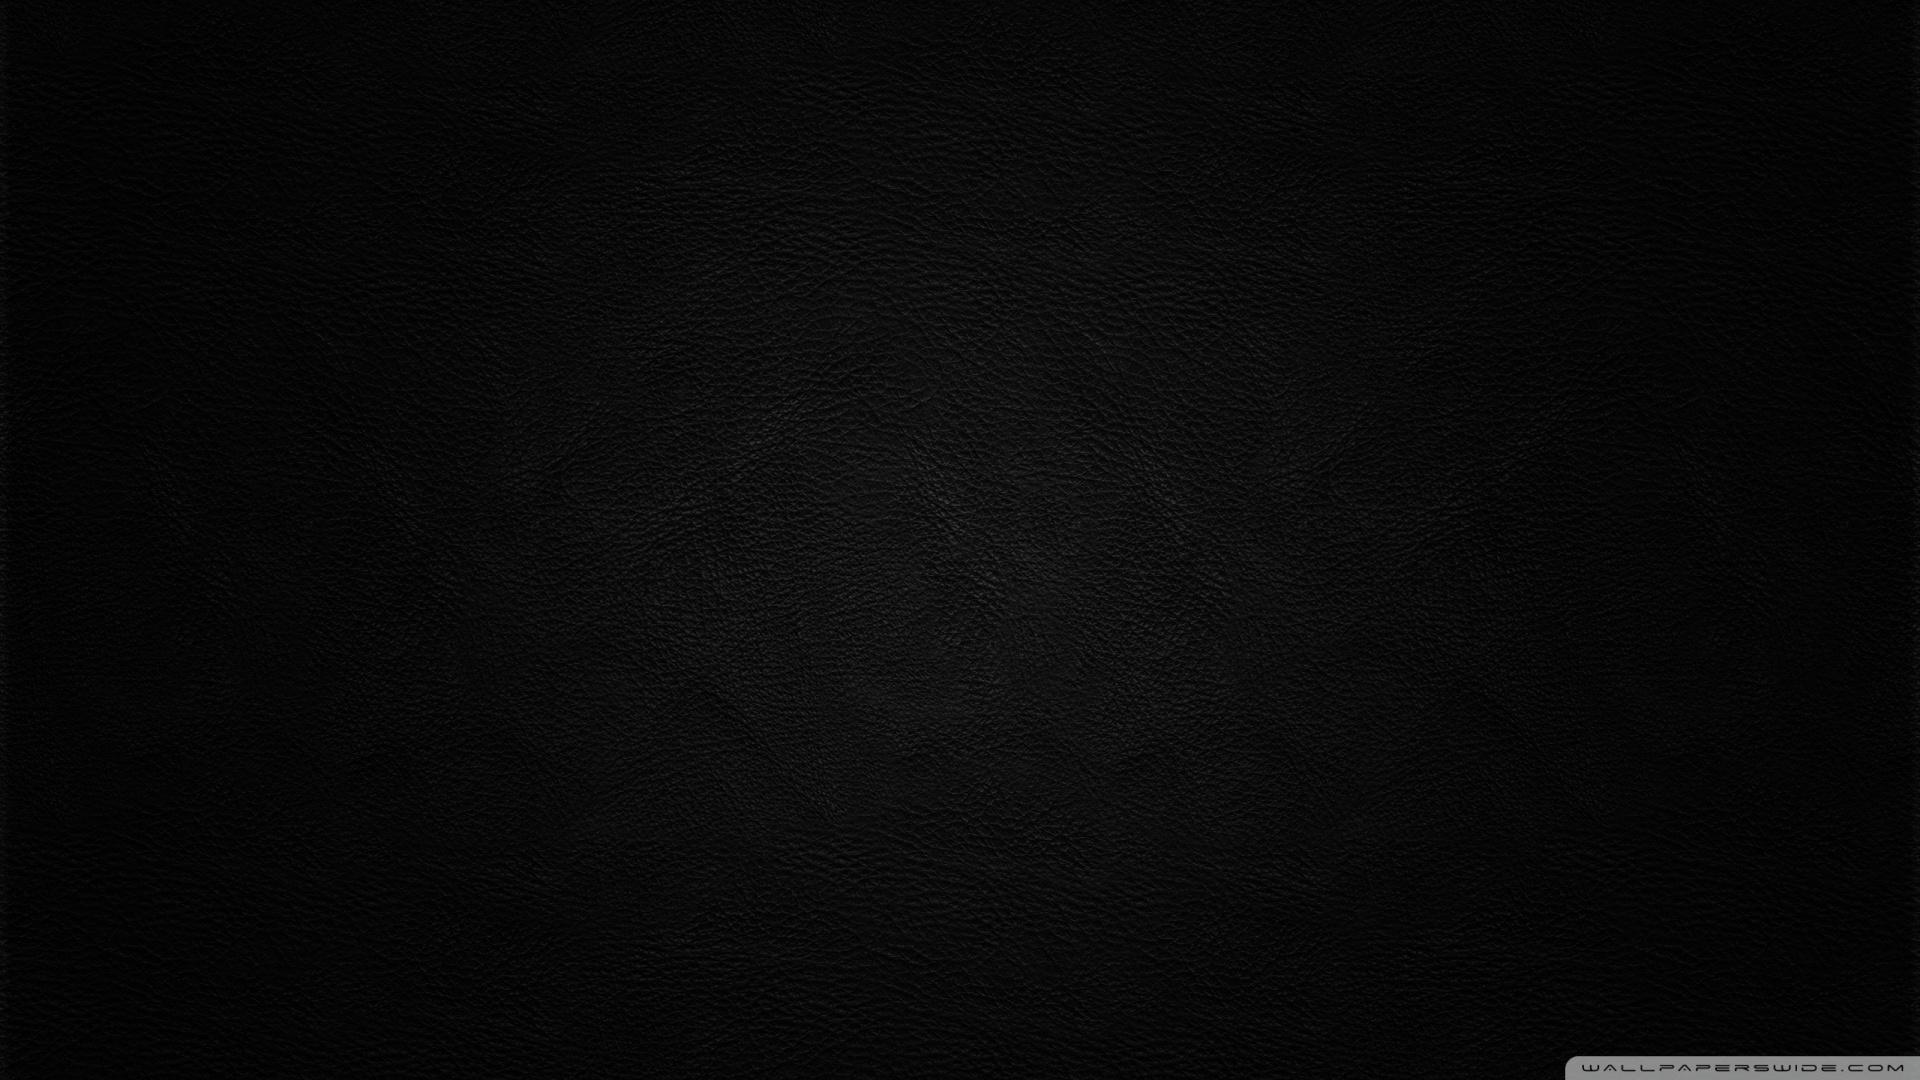 Dark HD Wallpapers 1920x1080 - WallpaperSafari